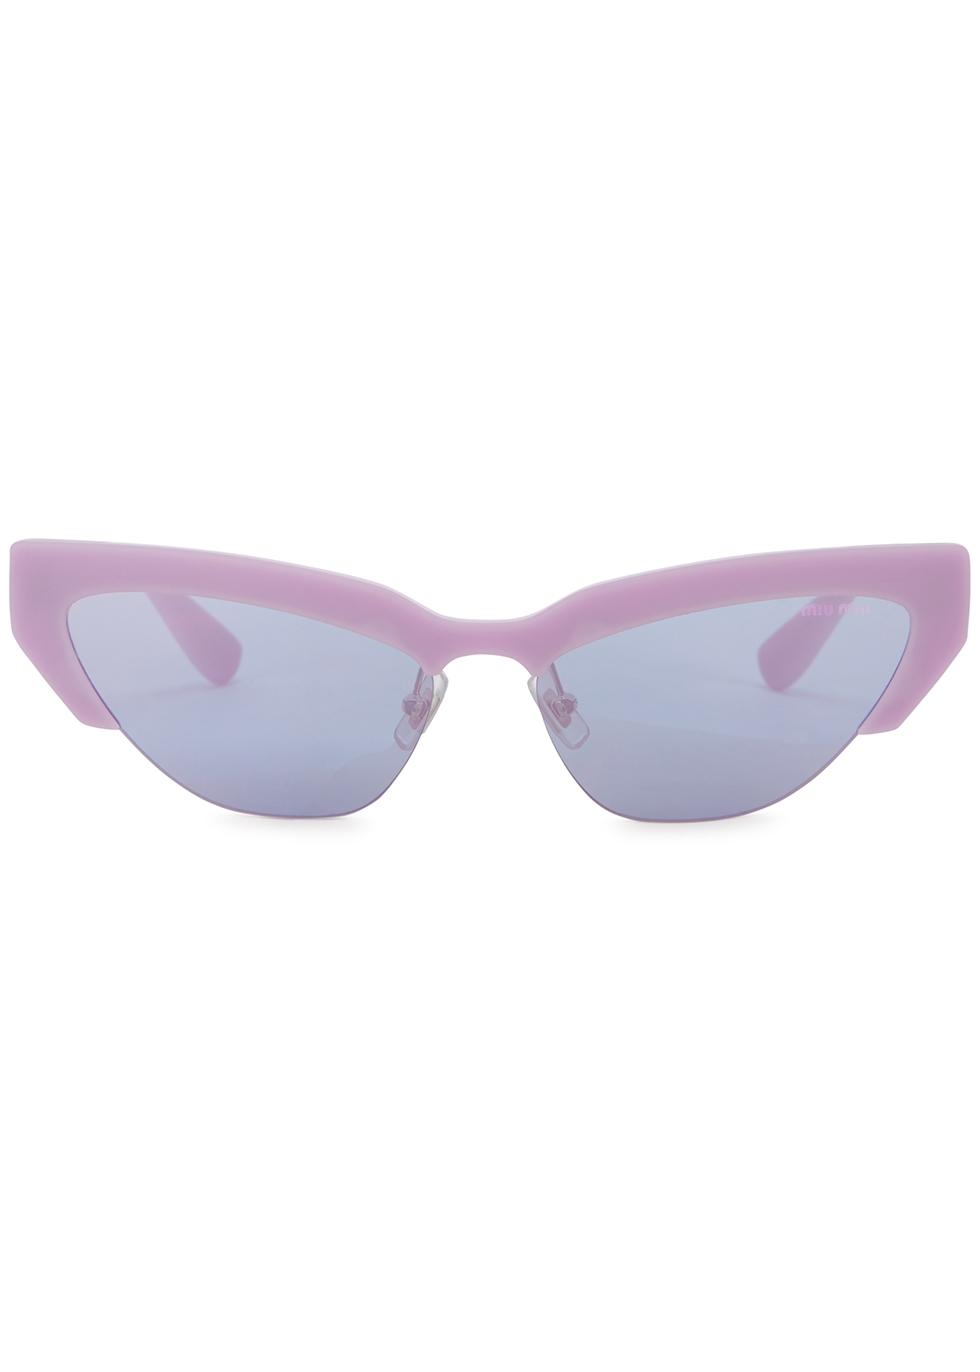 Lilac mirrored cat-eye sunglasses - Miu Miu